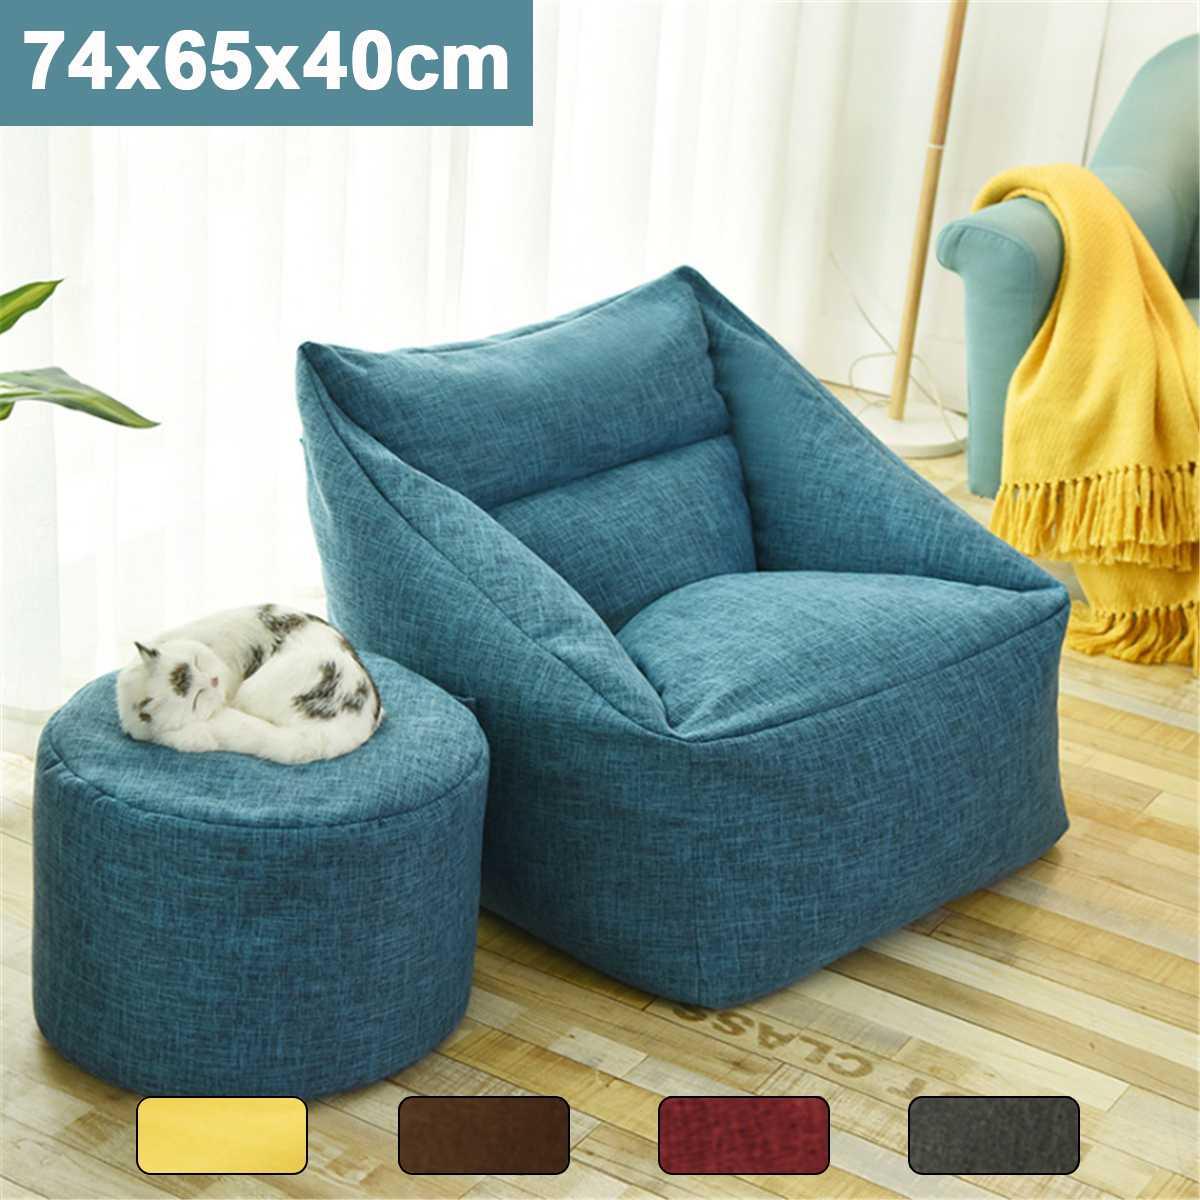 Sac de haricot imperméable canapé paresseux pouf canapés siège intérieur housse de chaise grand sac de haricot housse fauteuil lavable meubles de chambre